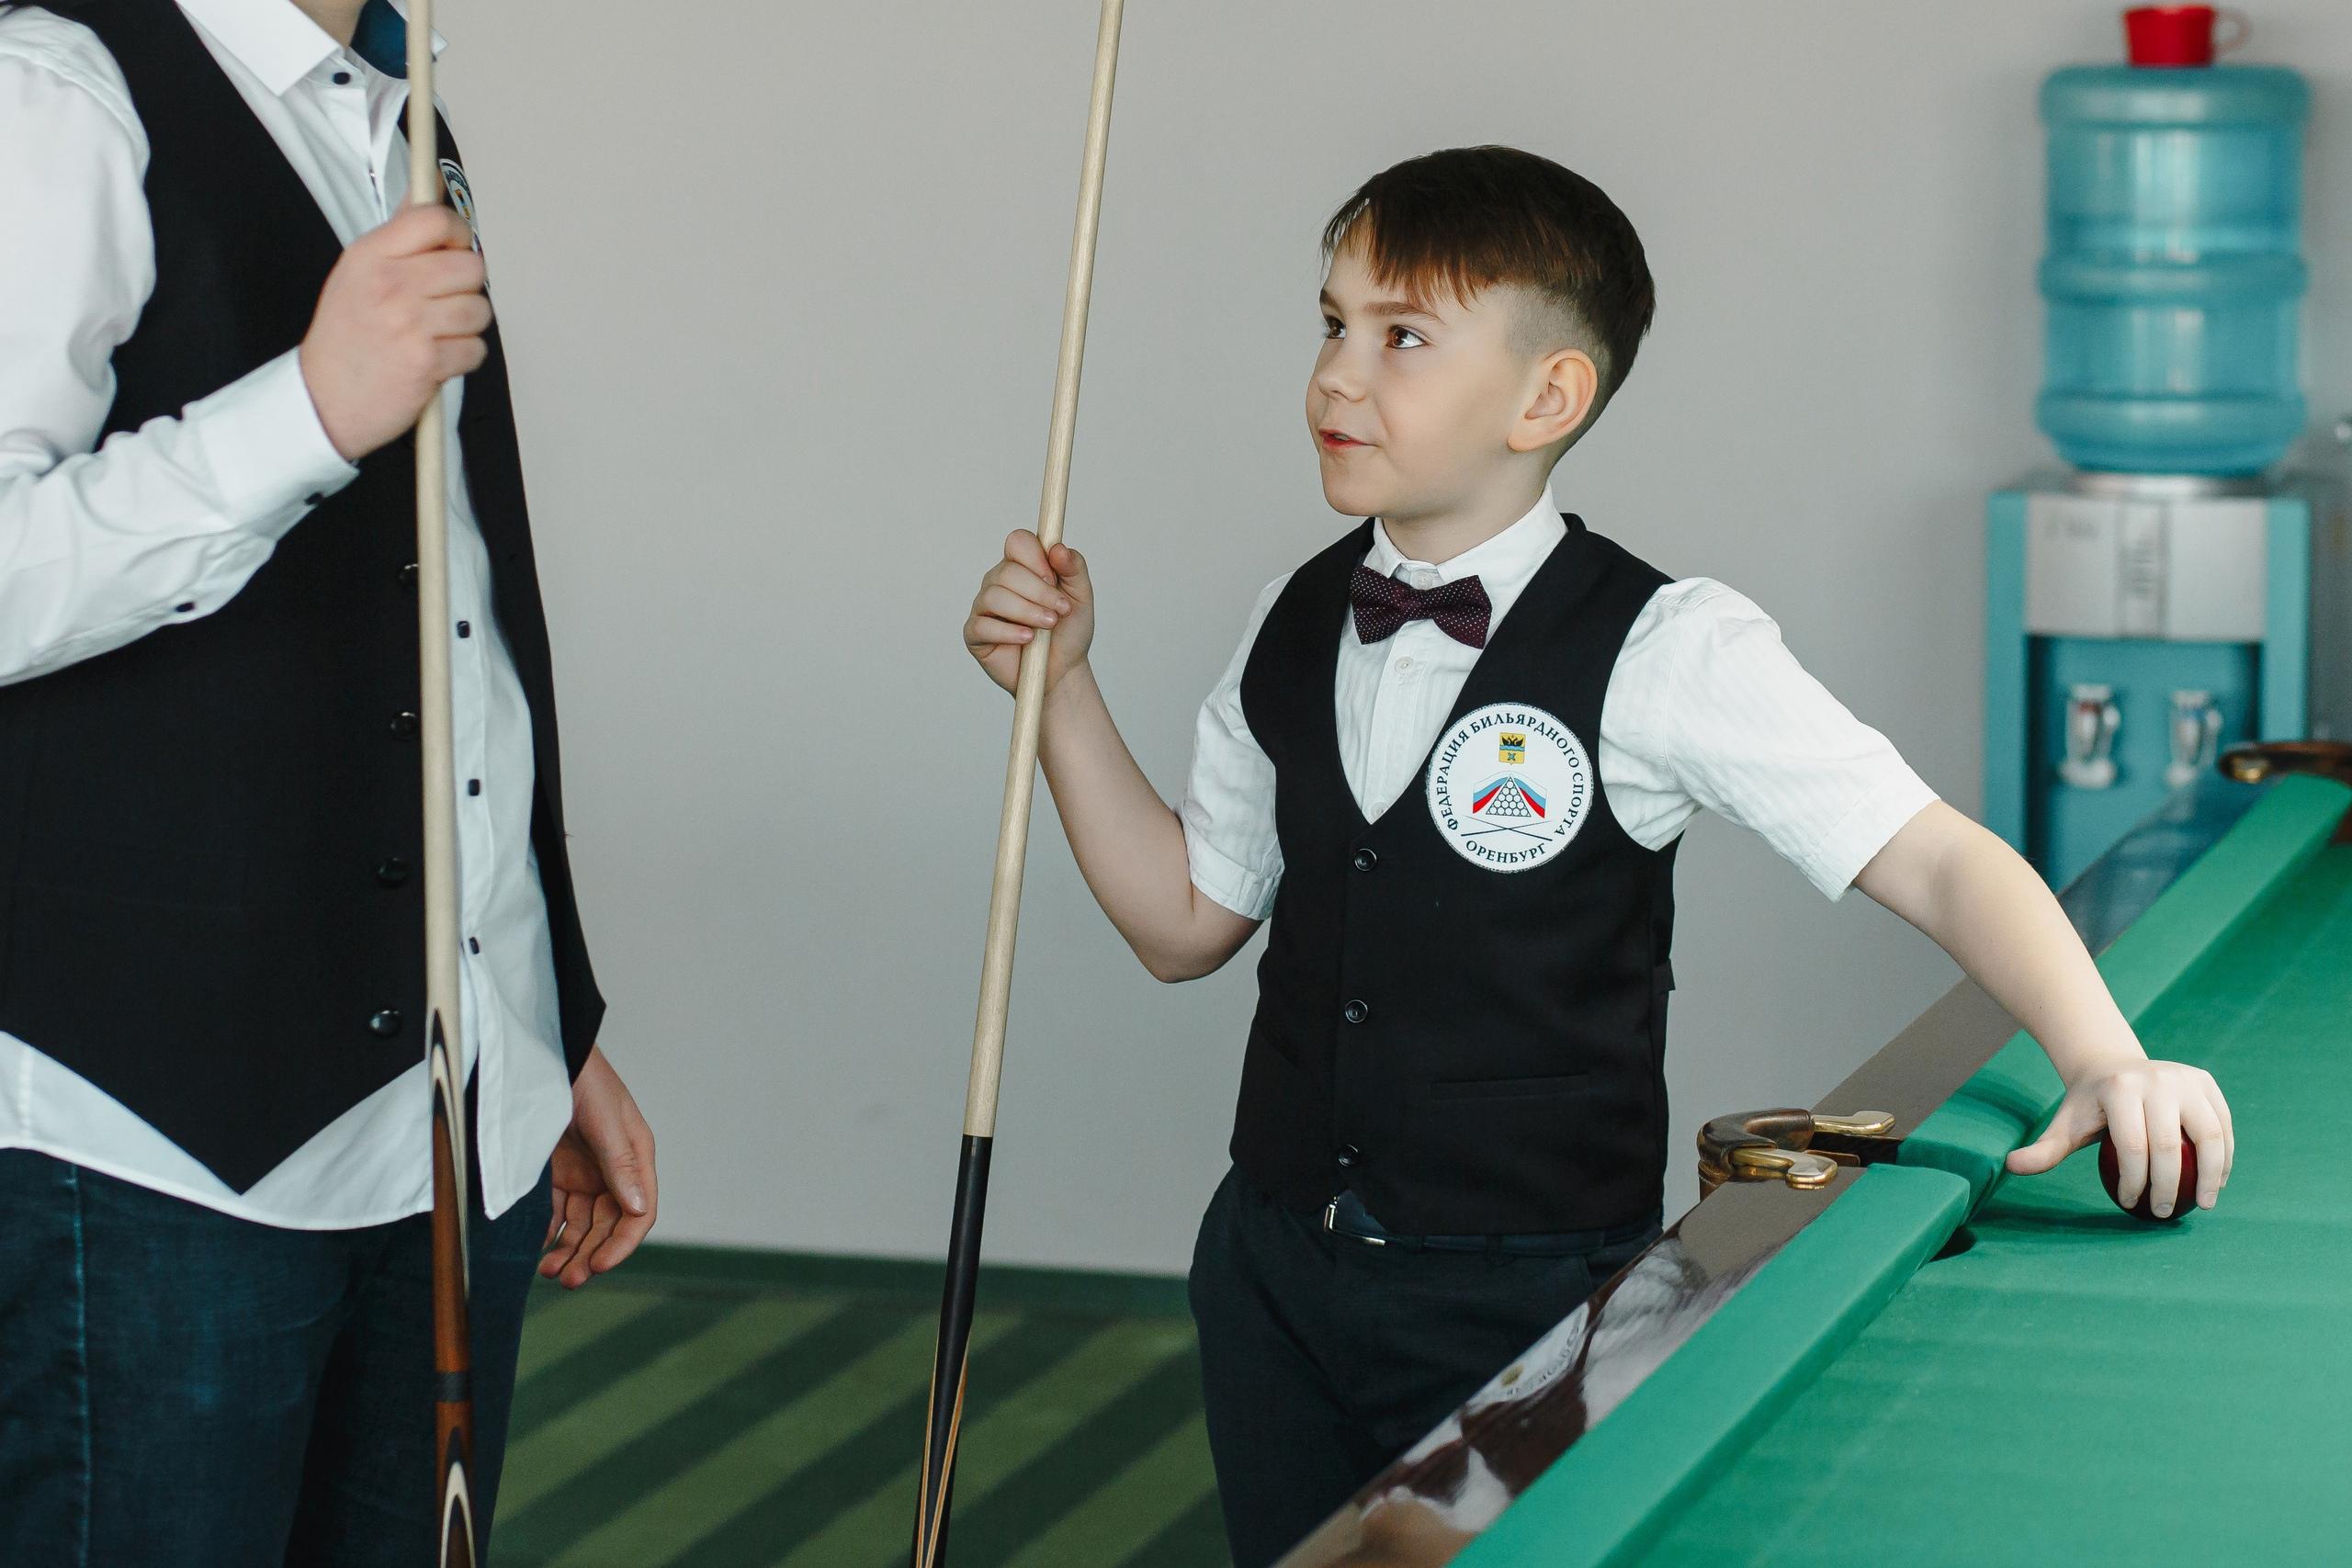 В Оренбурге впервые пройдет семейный бильярдный турнир